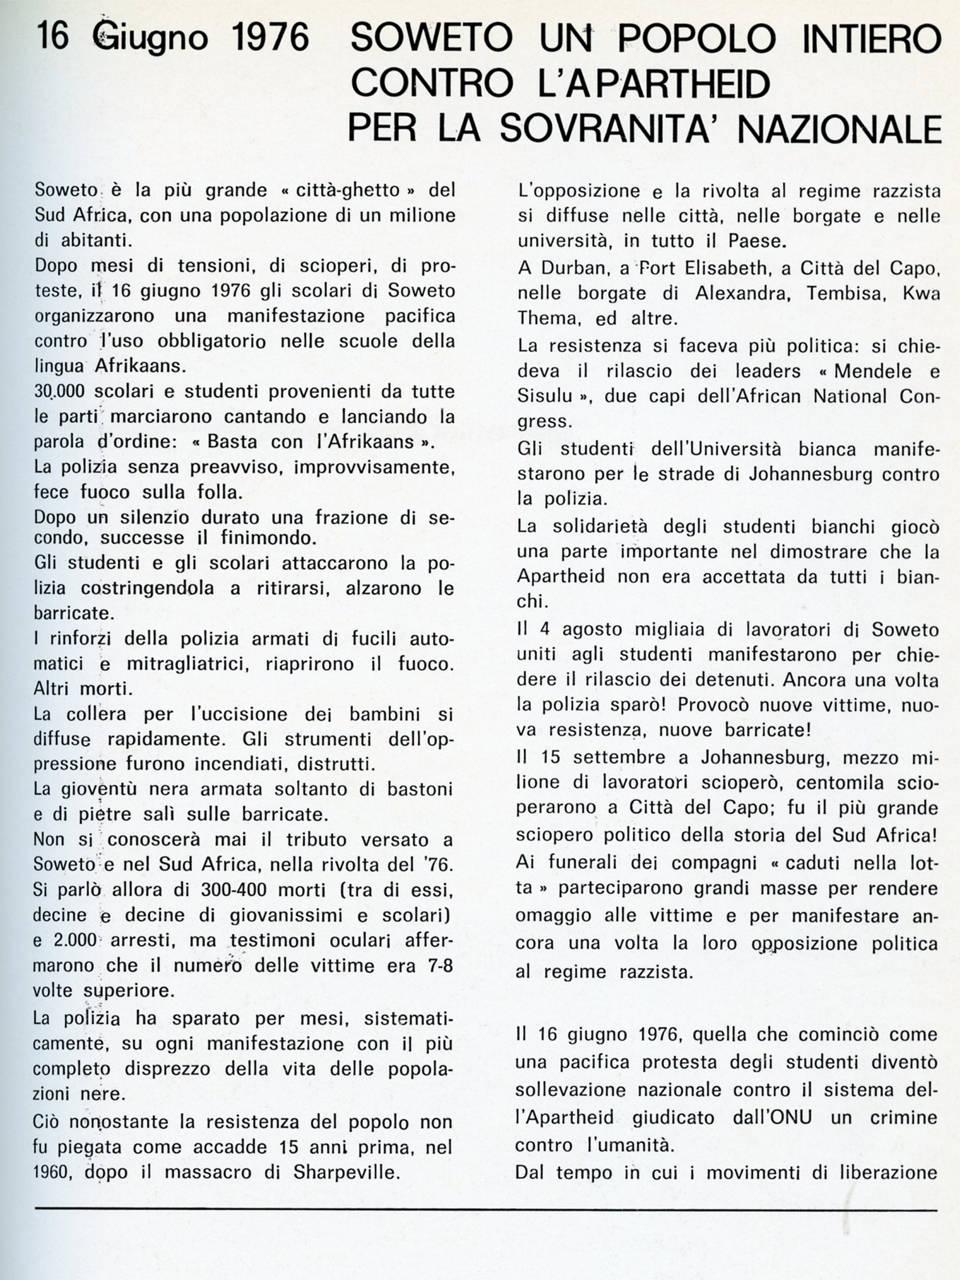 sechaba giugno 78